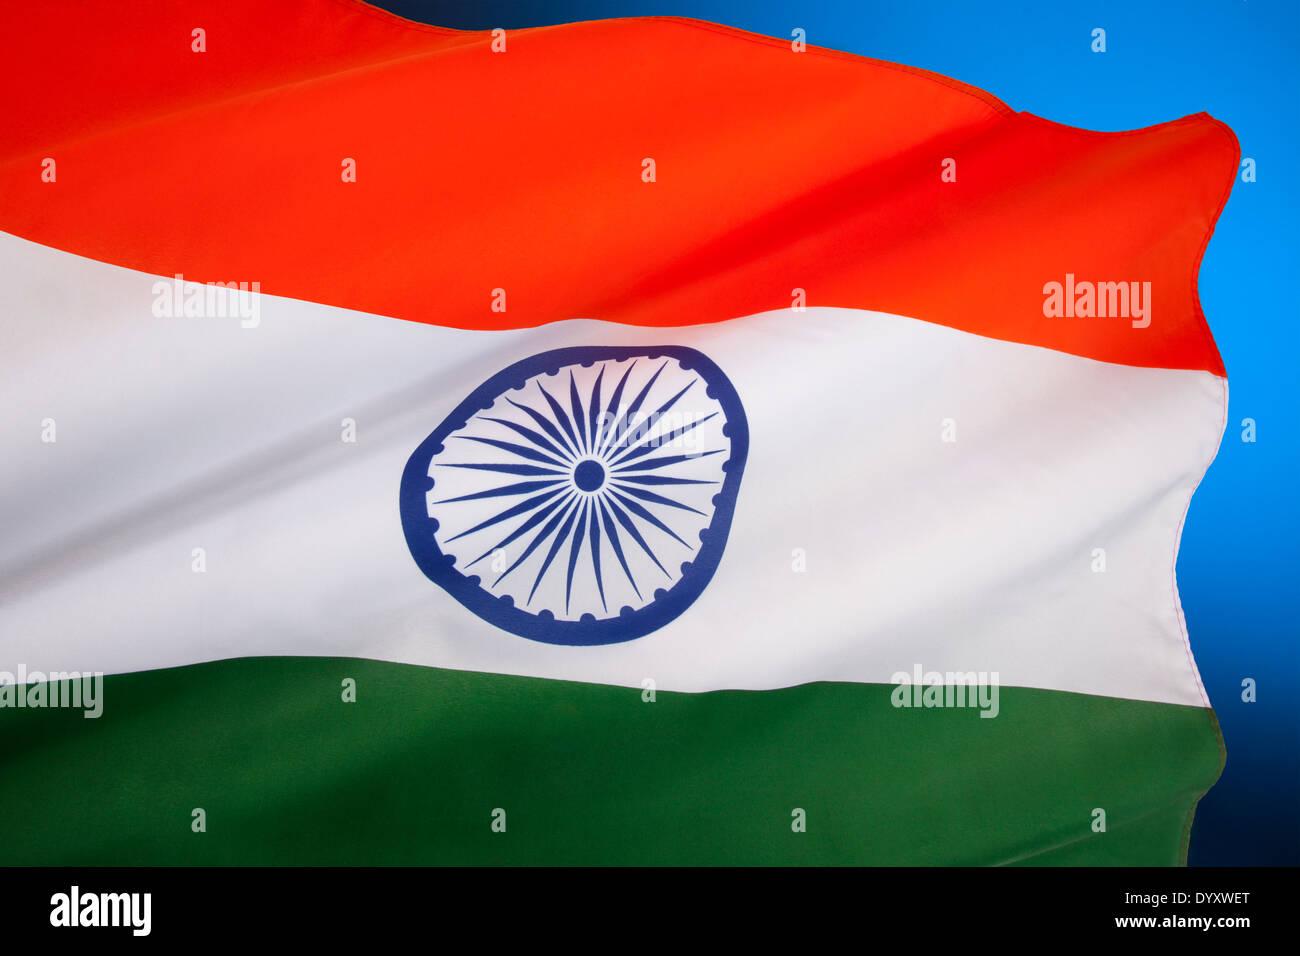 National Flag Of India: Indian National Emblem Stock Photos & Indian National